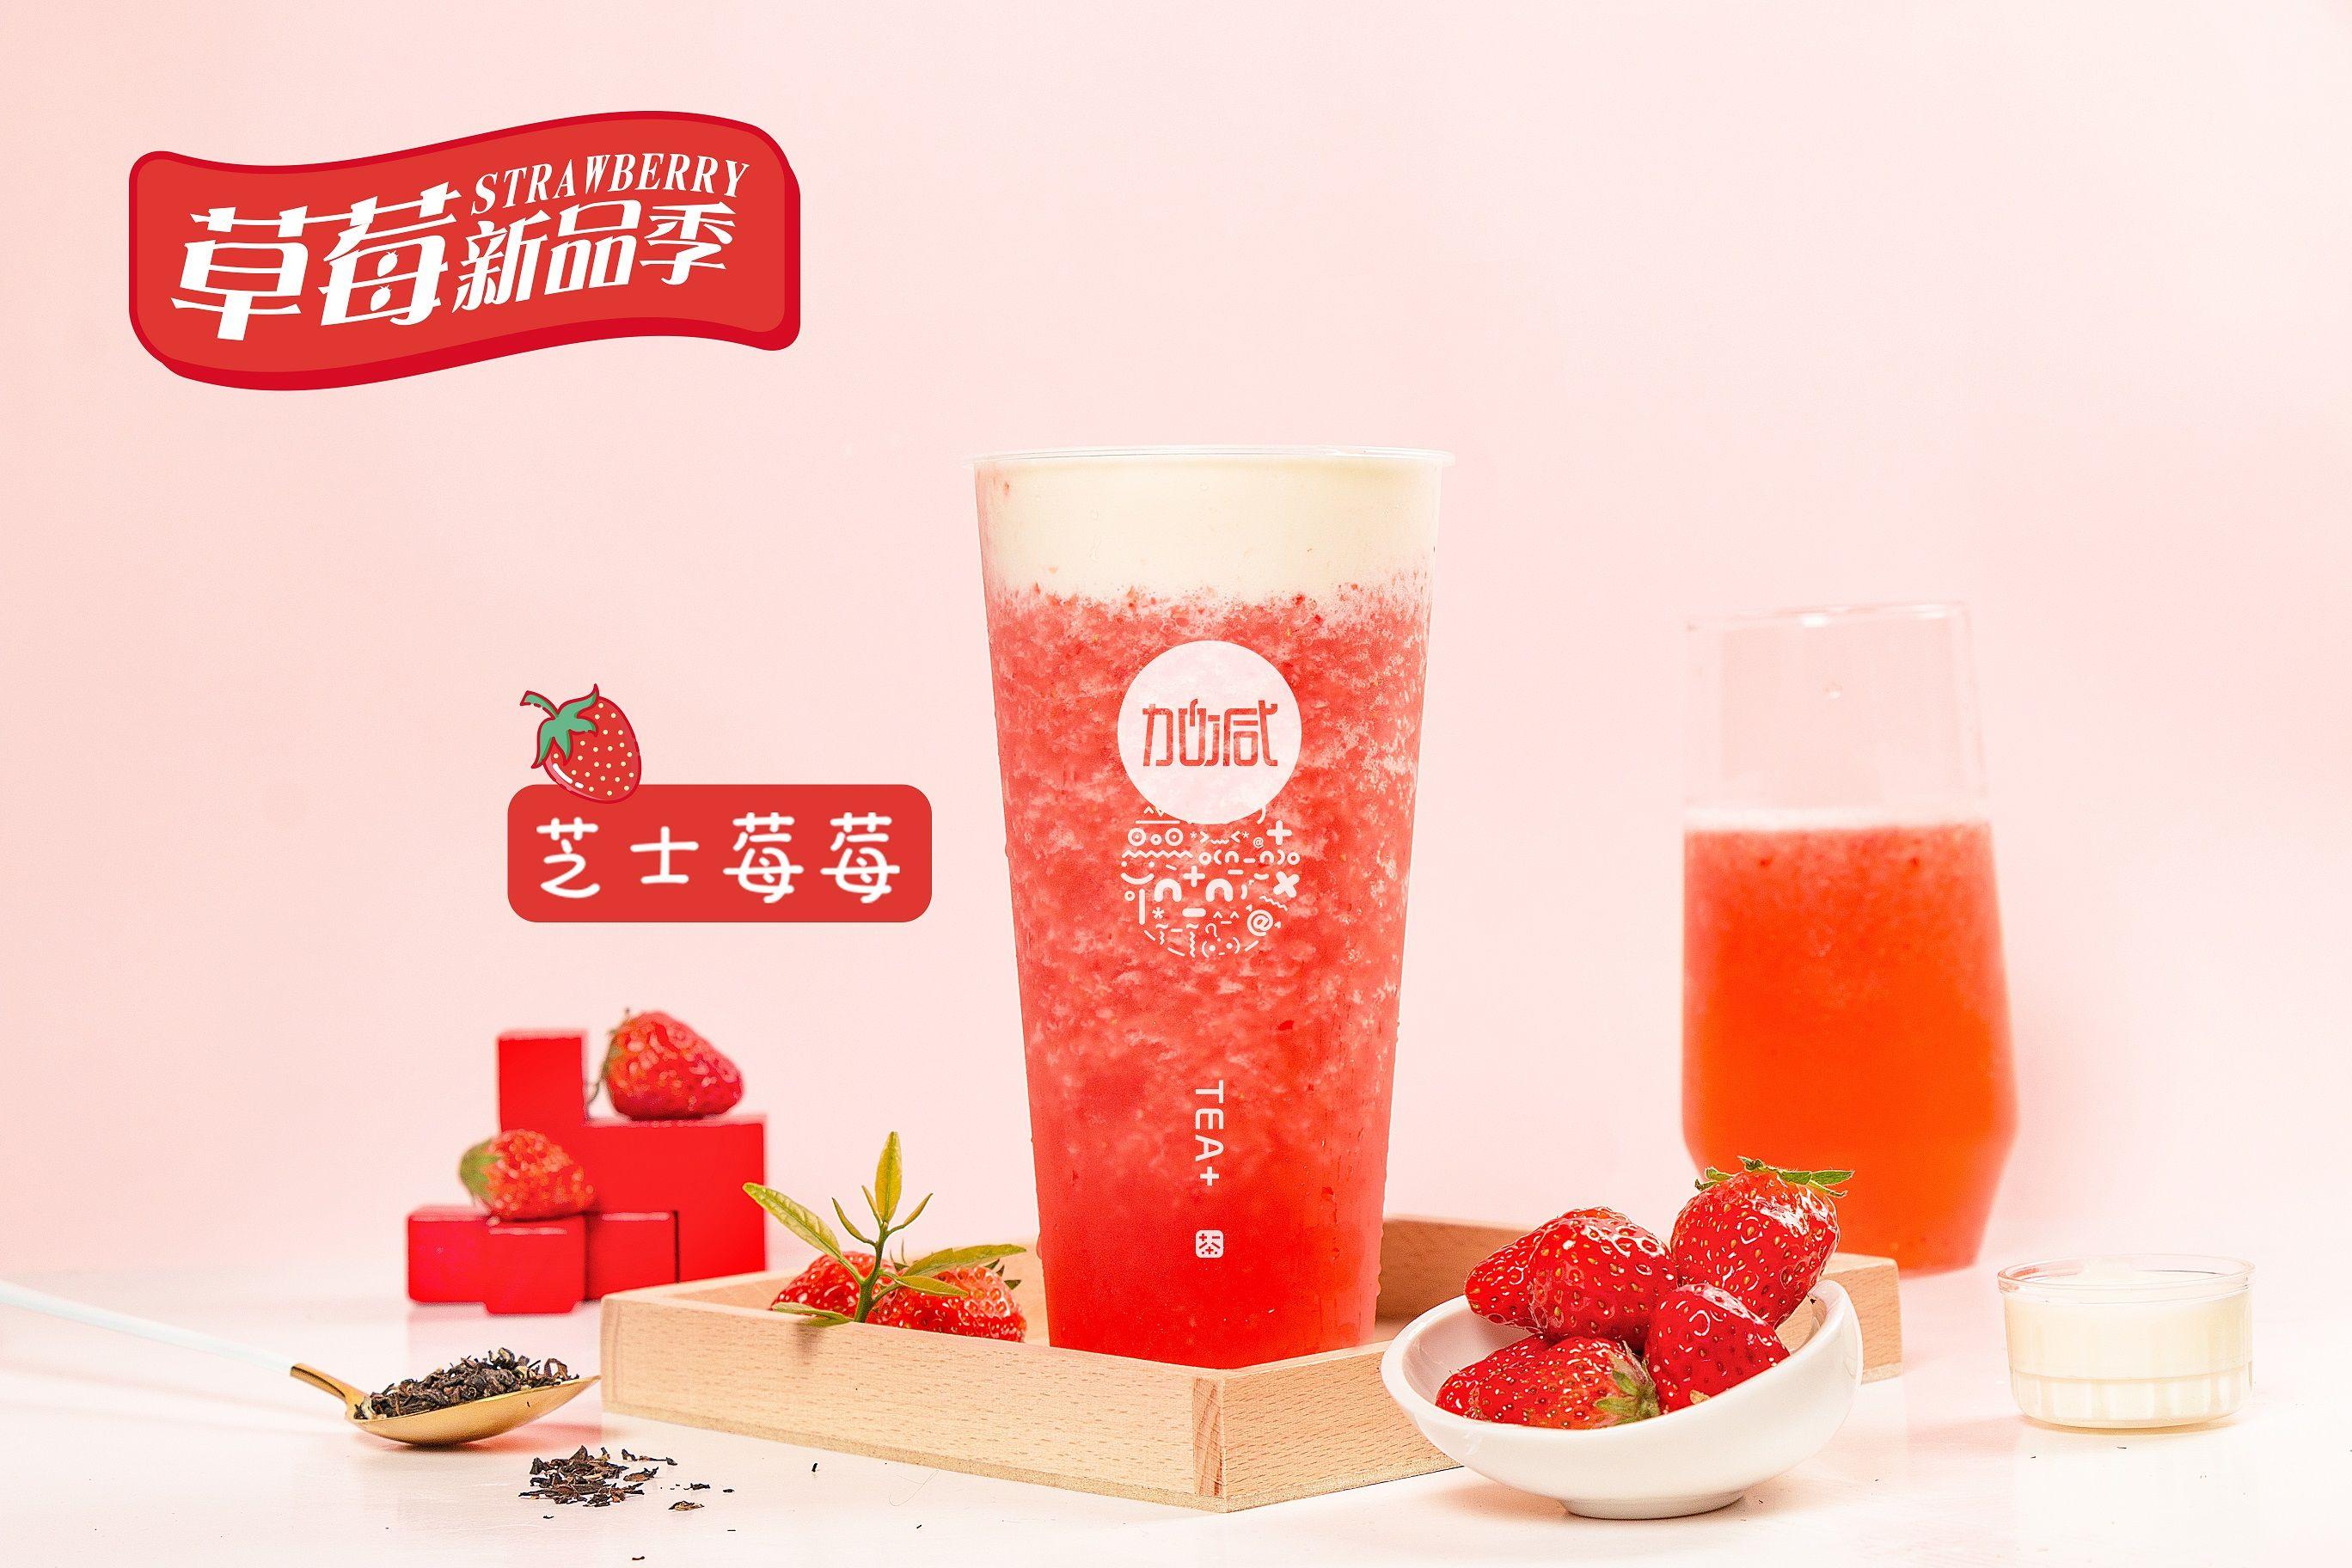 金華芝士莓苺經銷